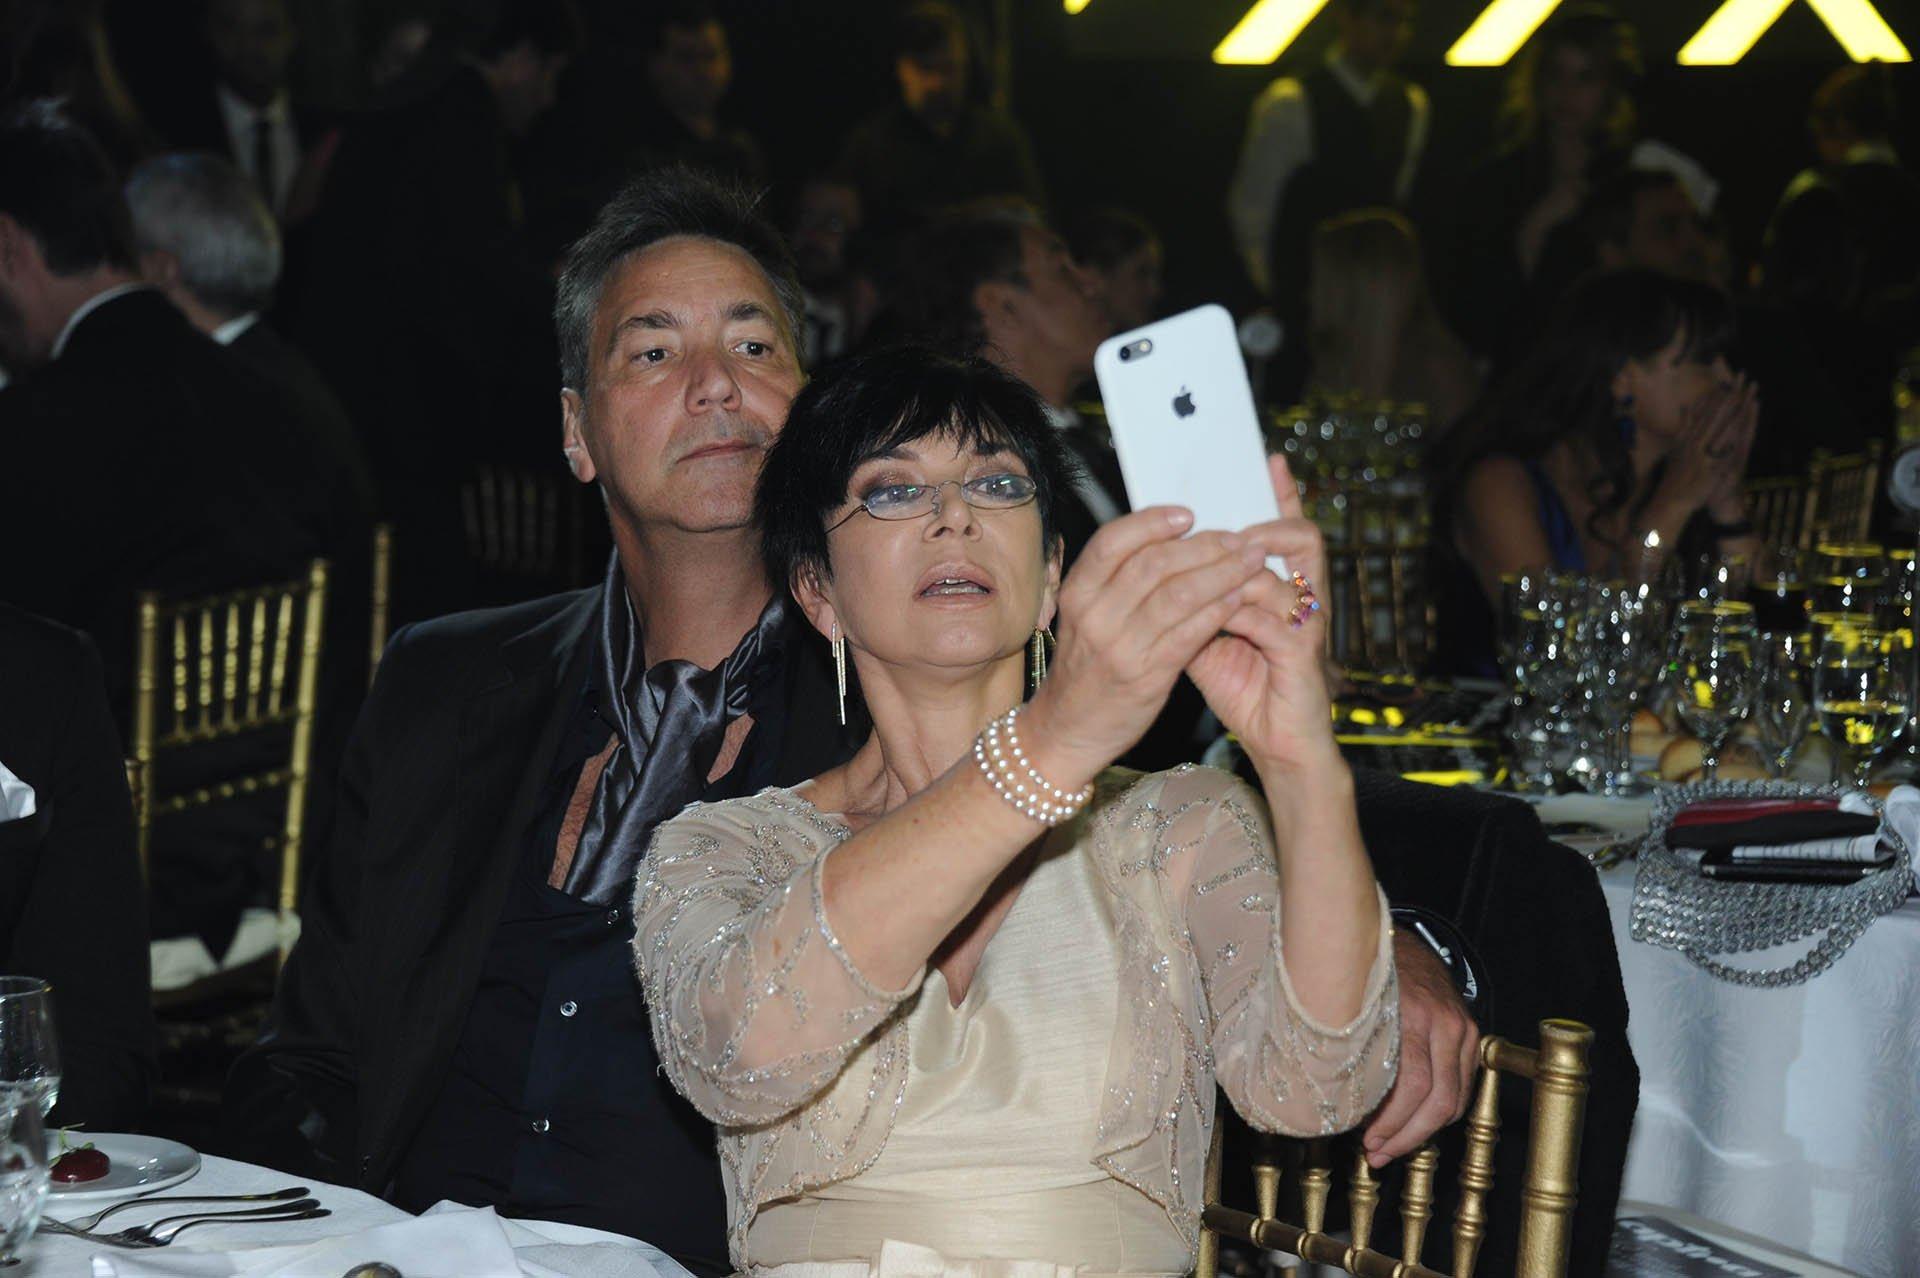 La selfie de la periodista Mónica Gutiérrez en la noche de los Martín Fierro.